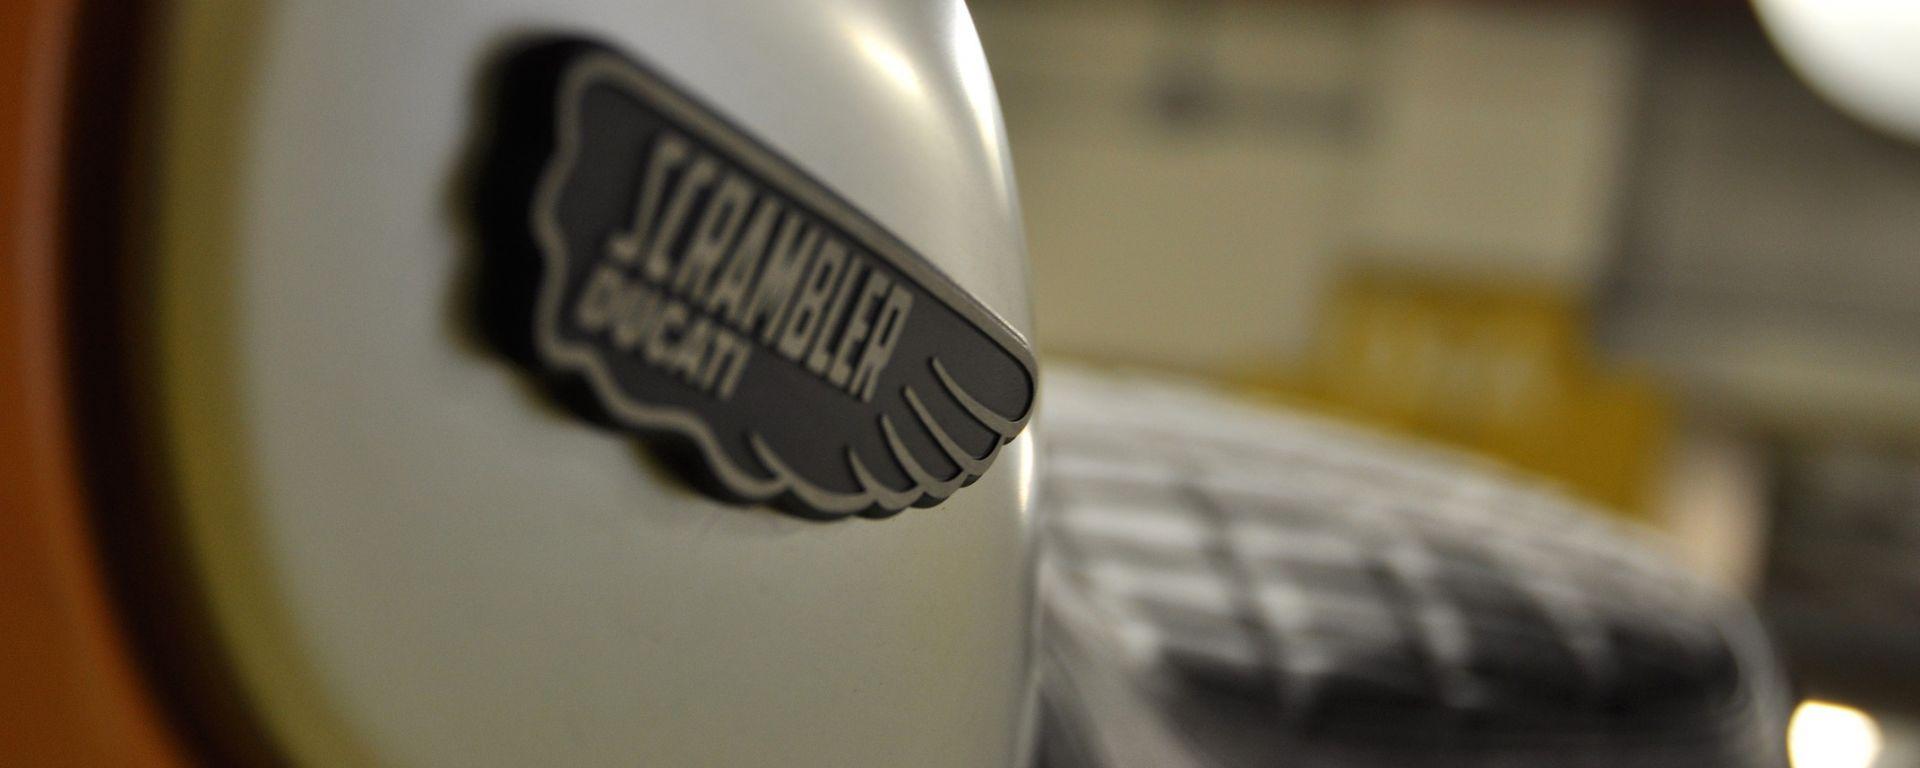 Ducati: record di vendite nel 2015